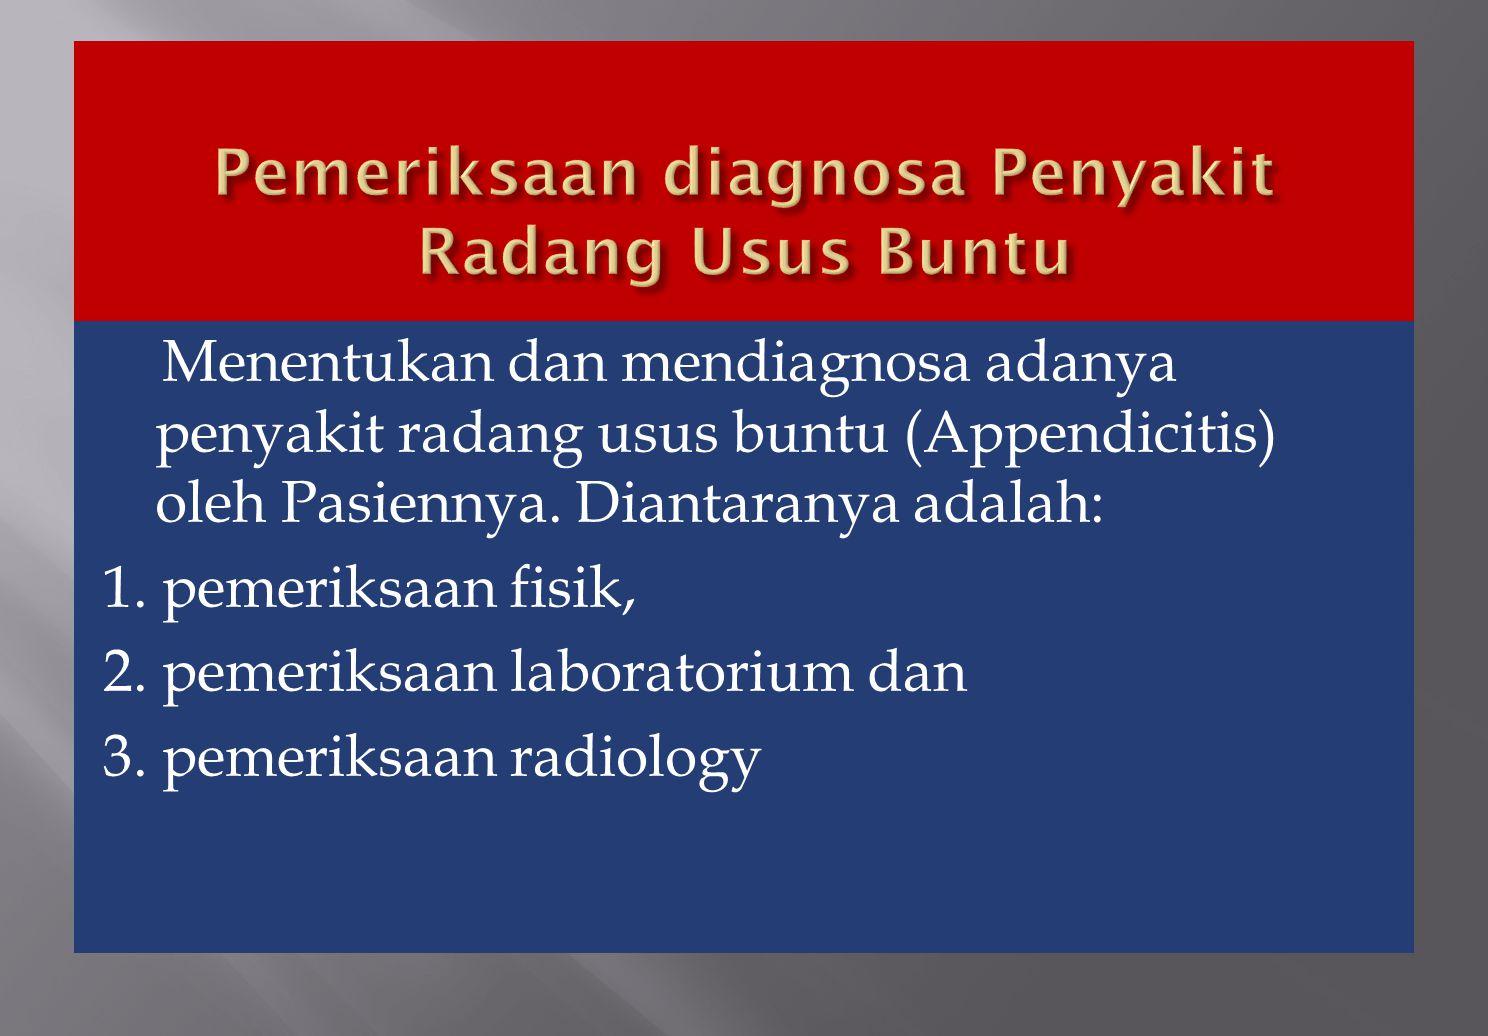 Menentukan dan mendiagnosa adanya penyakit radang usus buntu (Appendicitis) oleh Pasiennya. Diantaranya adalah: 1. pemeriksaan fisik, 2. pemeriksaan l